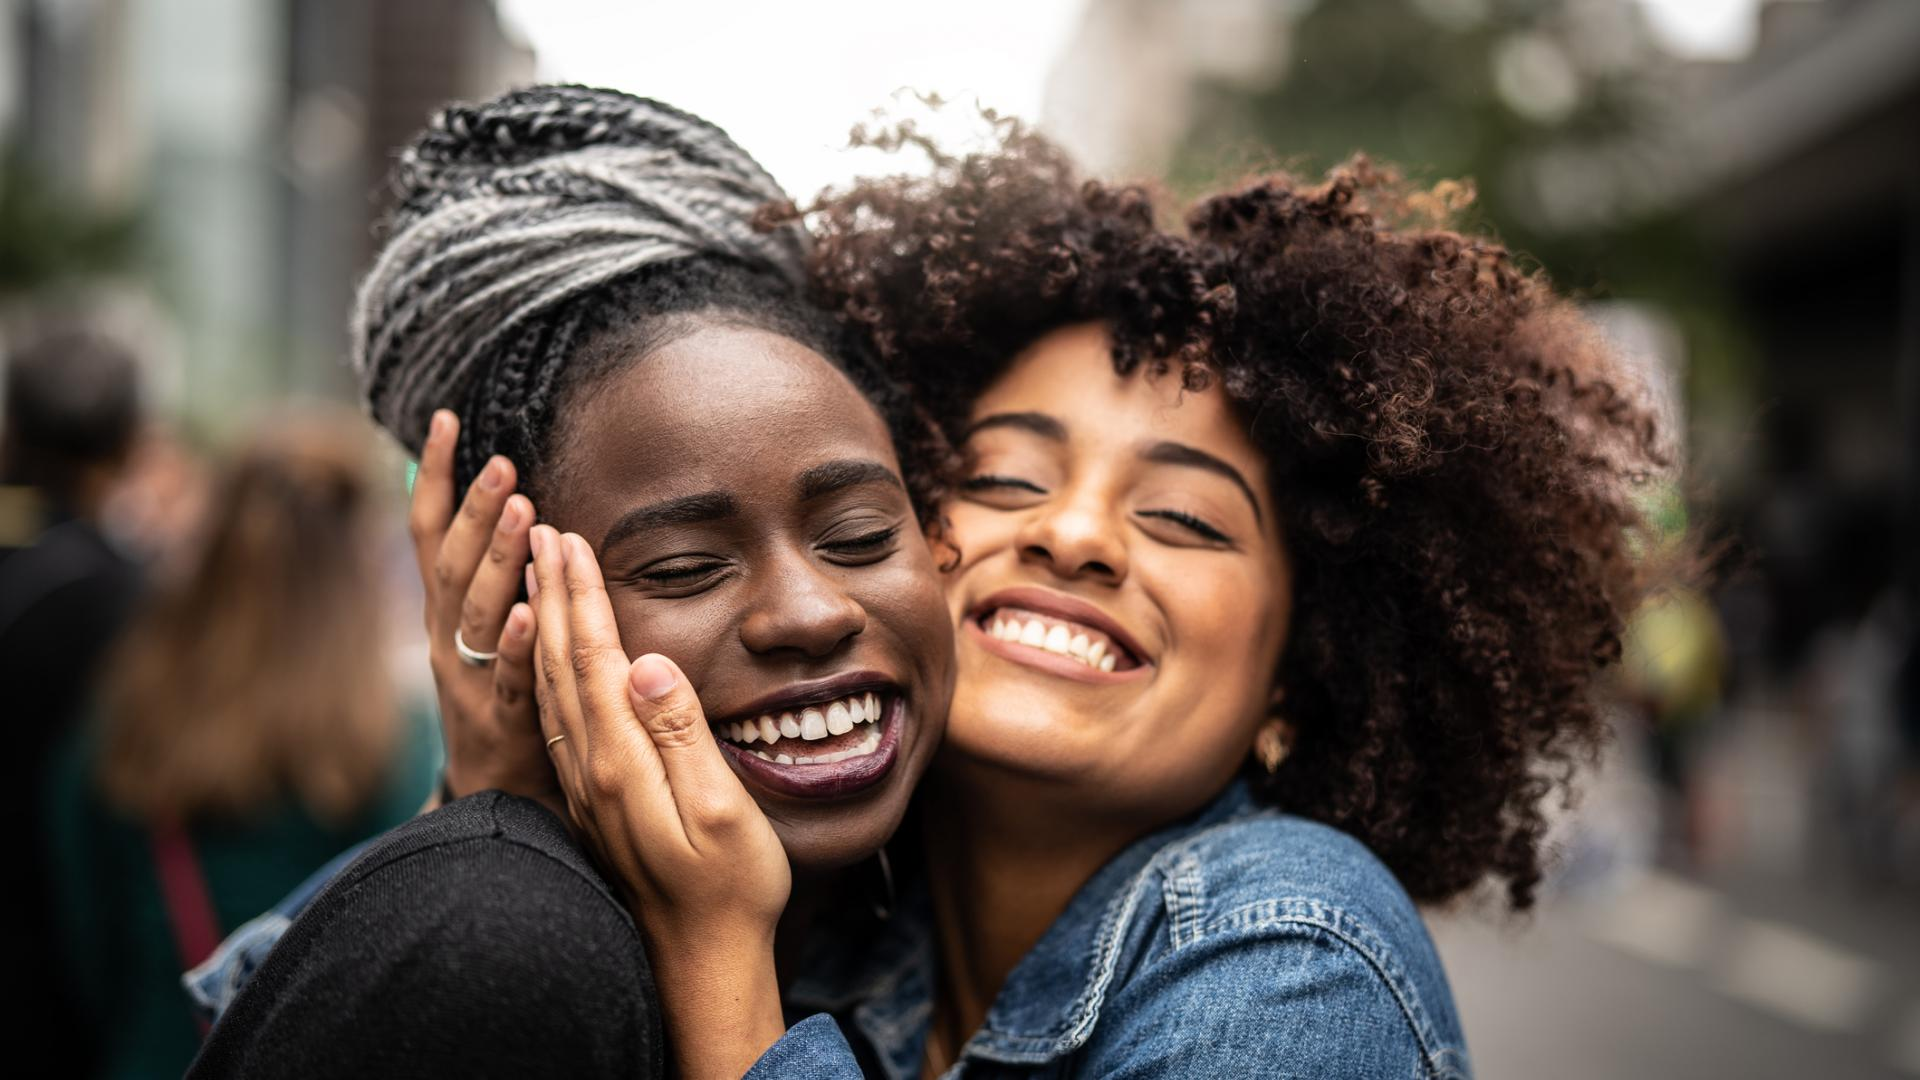 Freundschaft, Freundinnen, diversity, schwarze Frauen